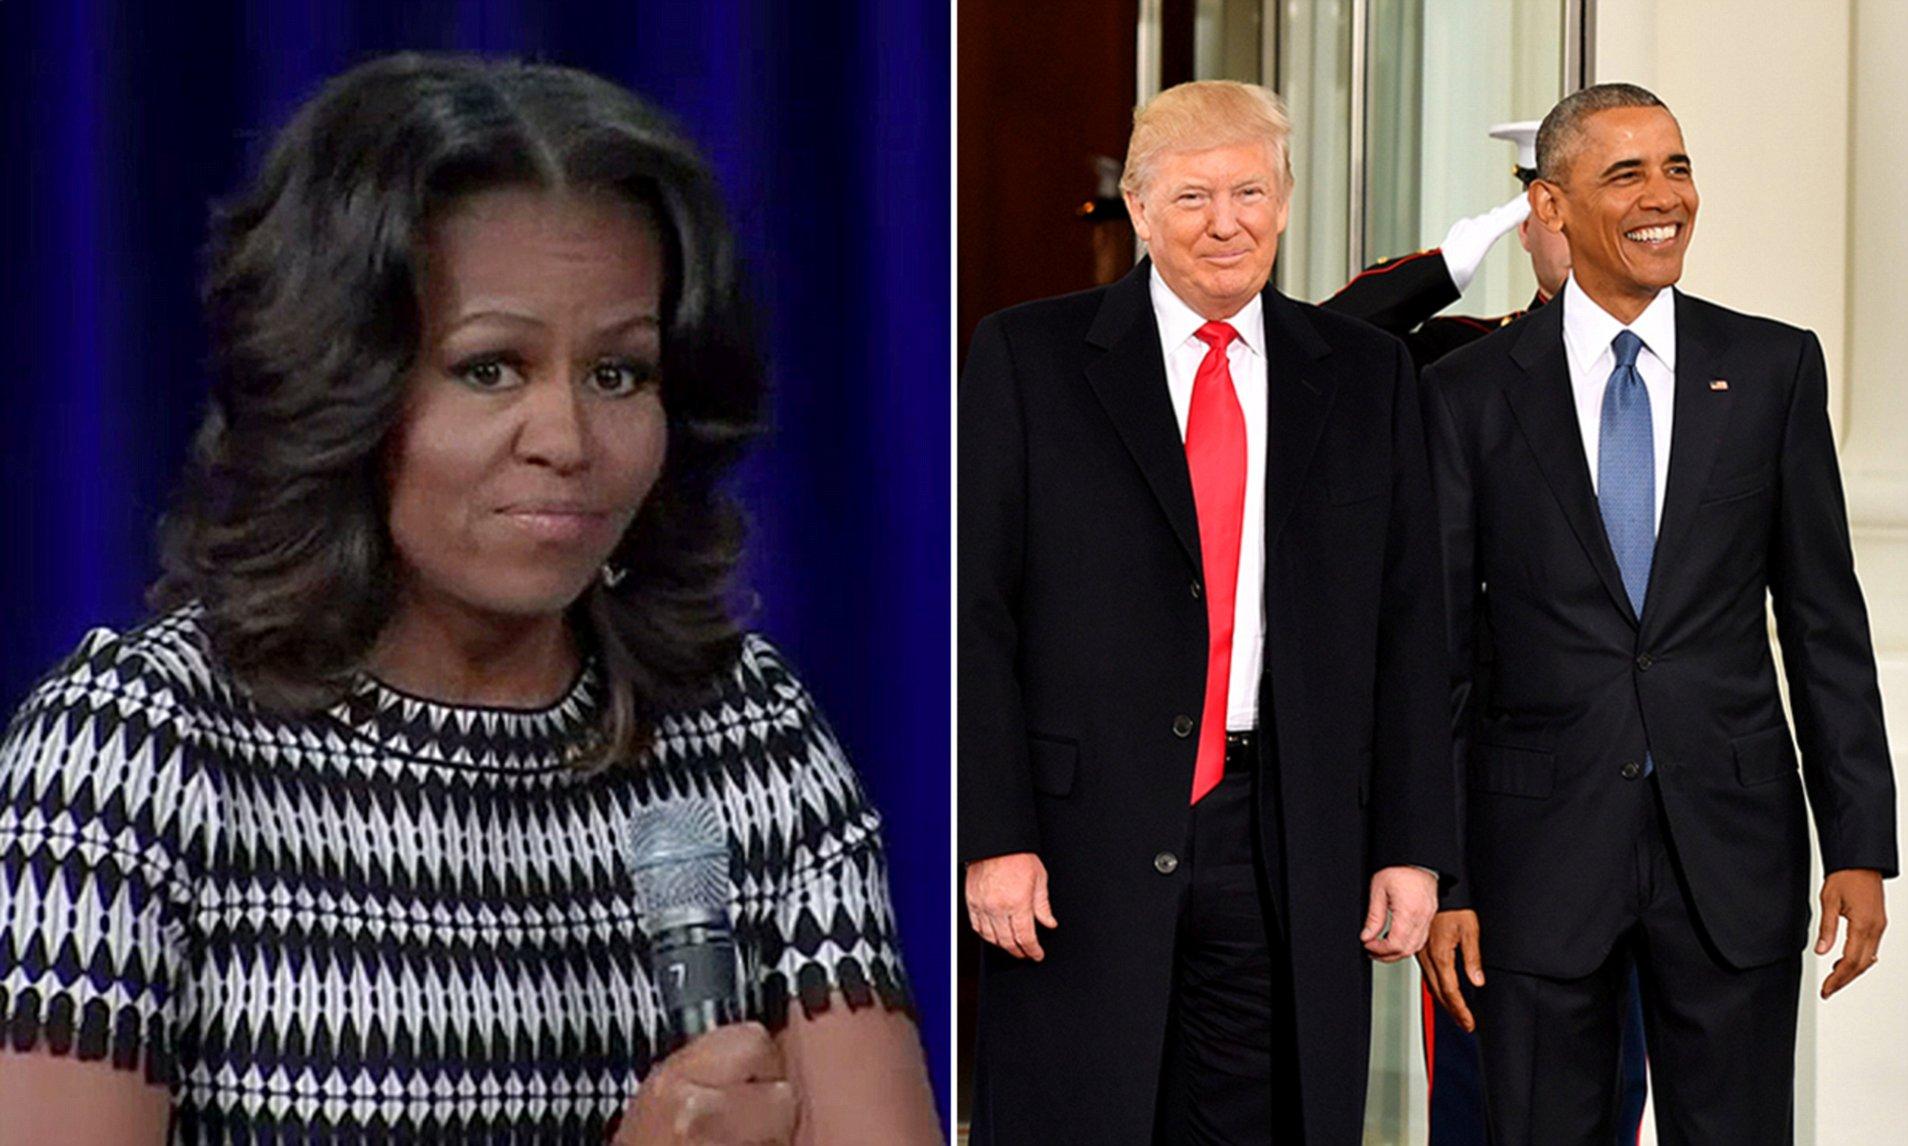 Թրամփը նման է անպատասխանատու, վատ ծնողի. Միշել Օբամա